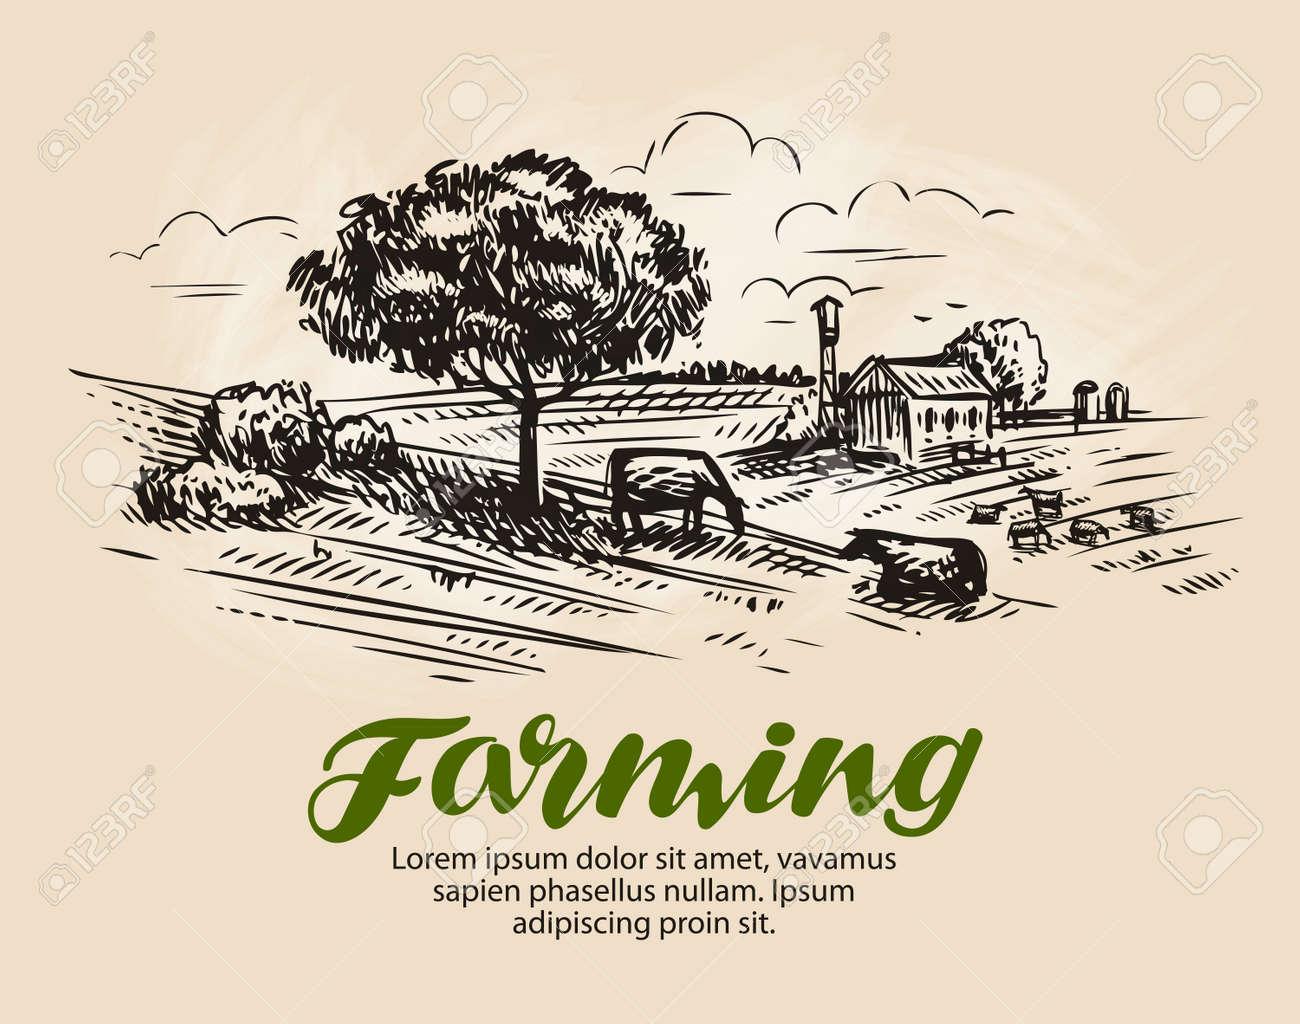 Farm sketch. - 71452287